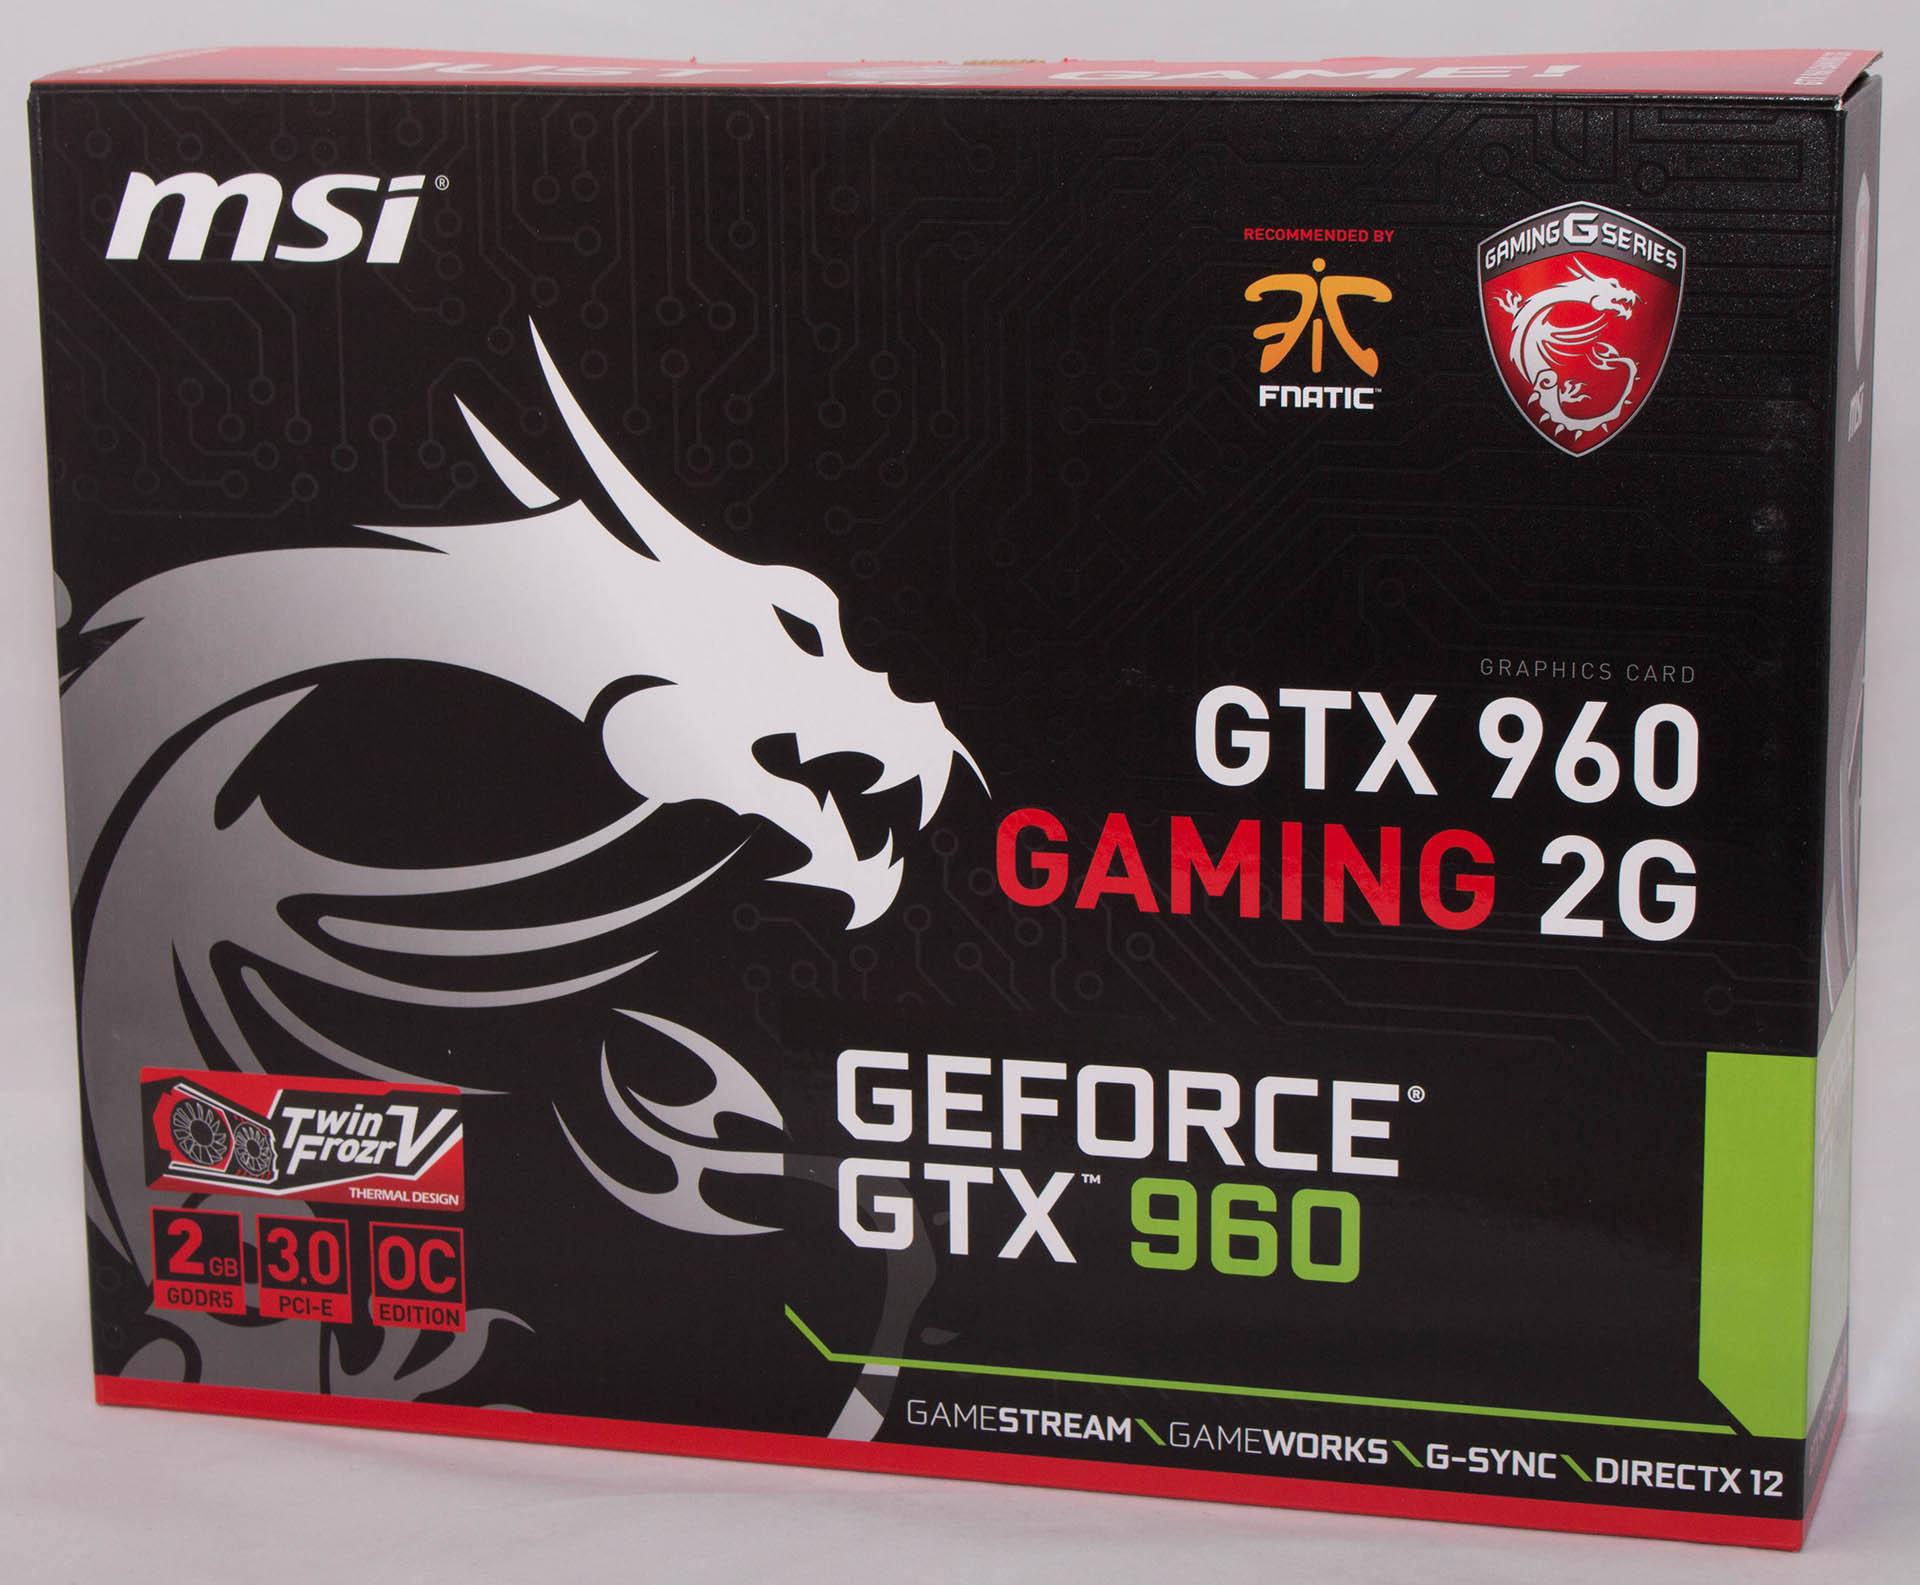 MSI GTX960 Gaming 2G test